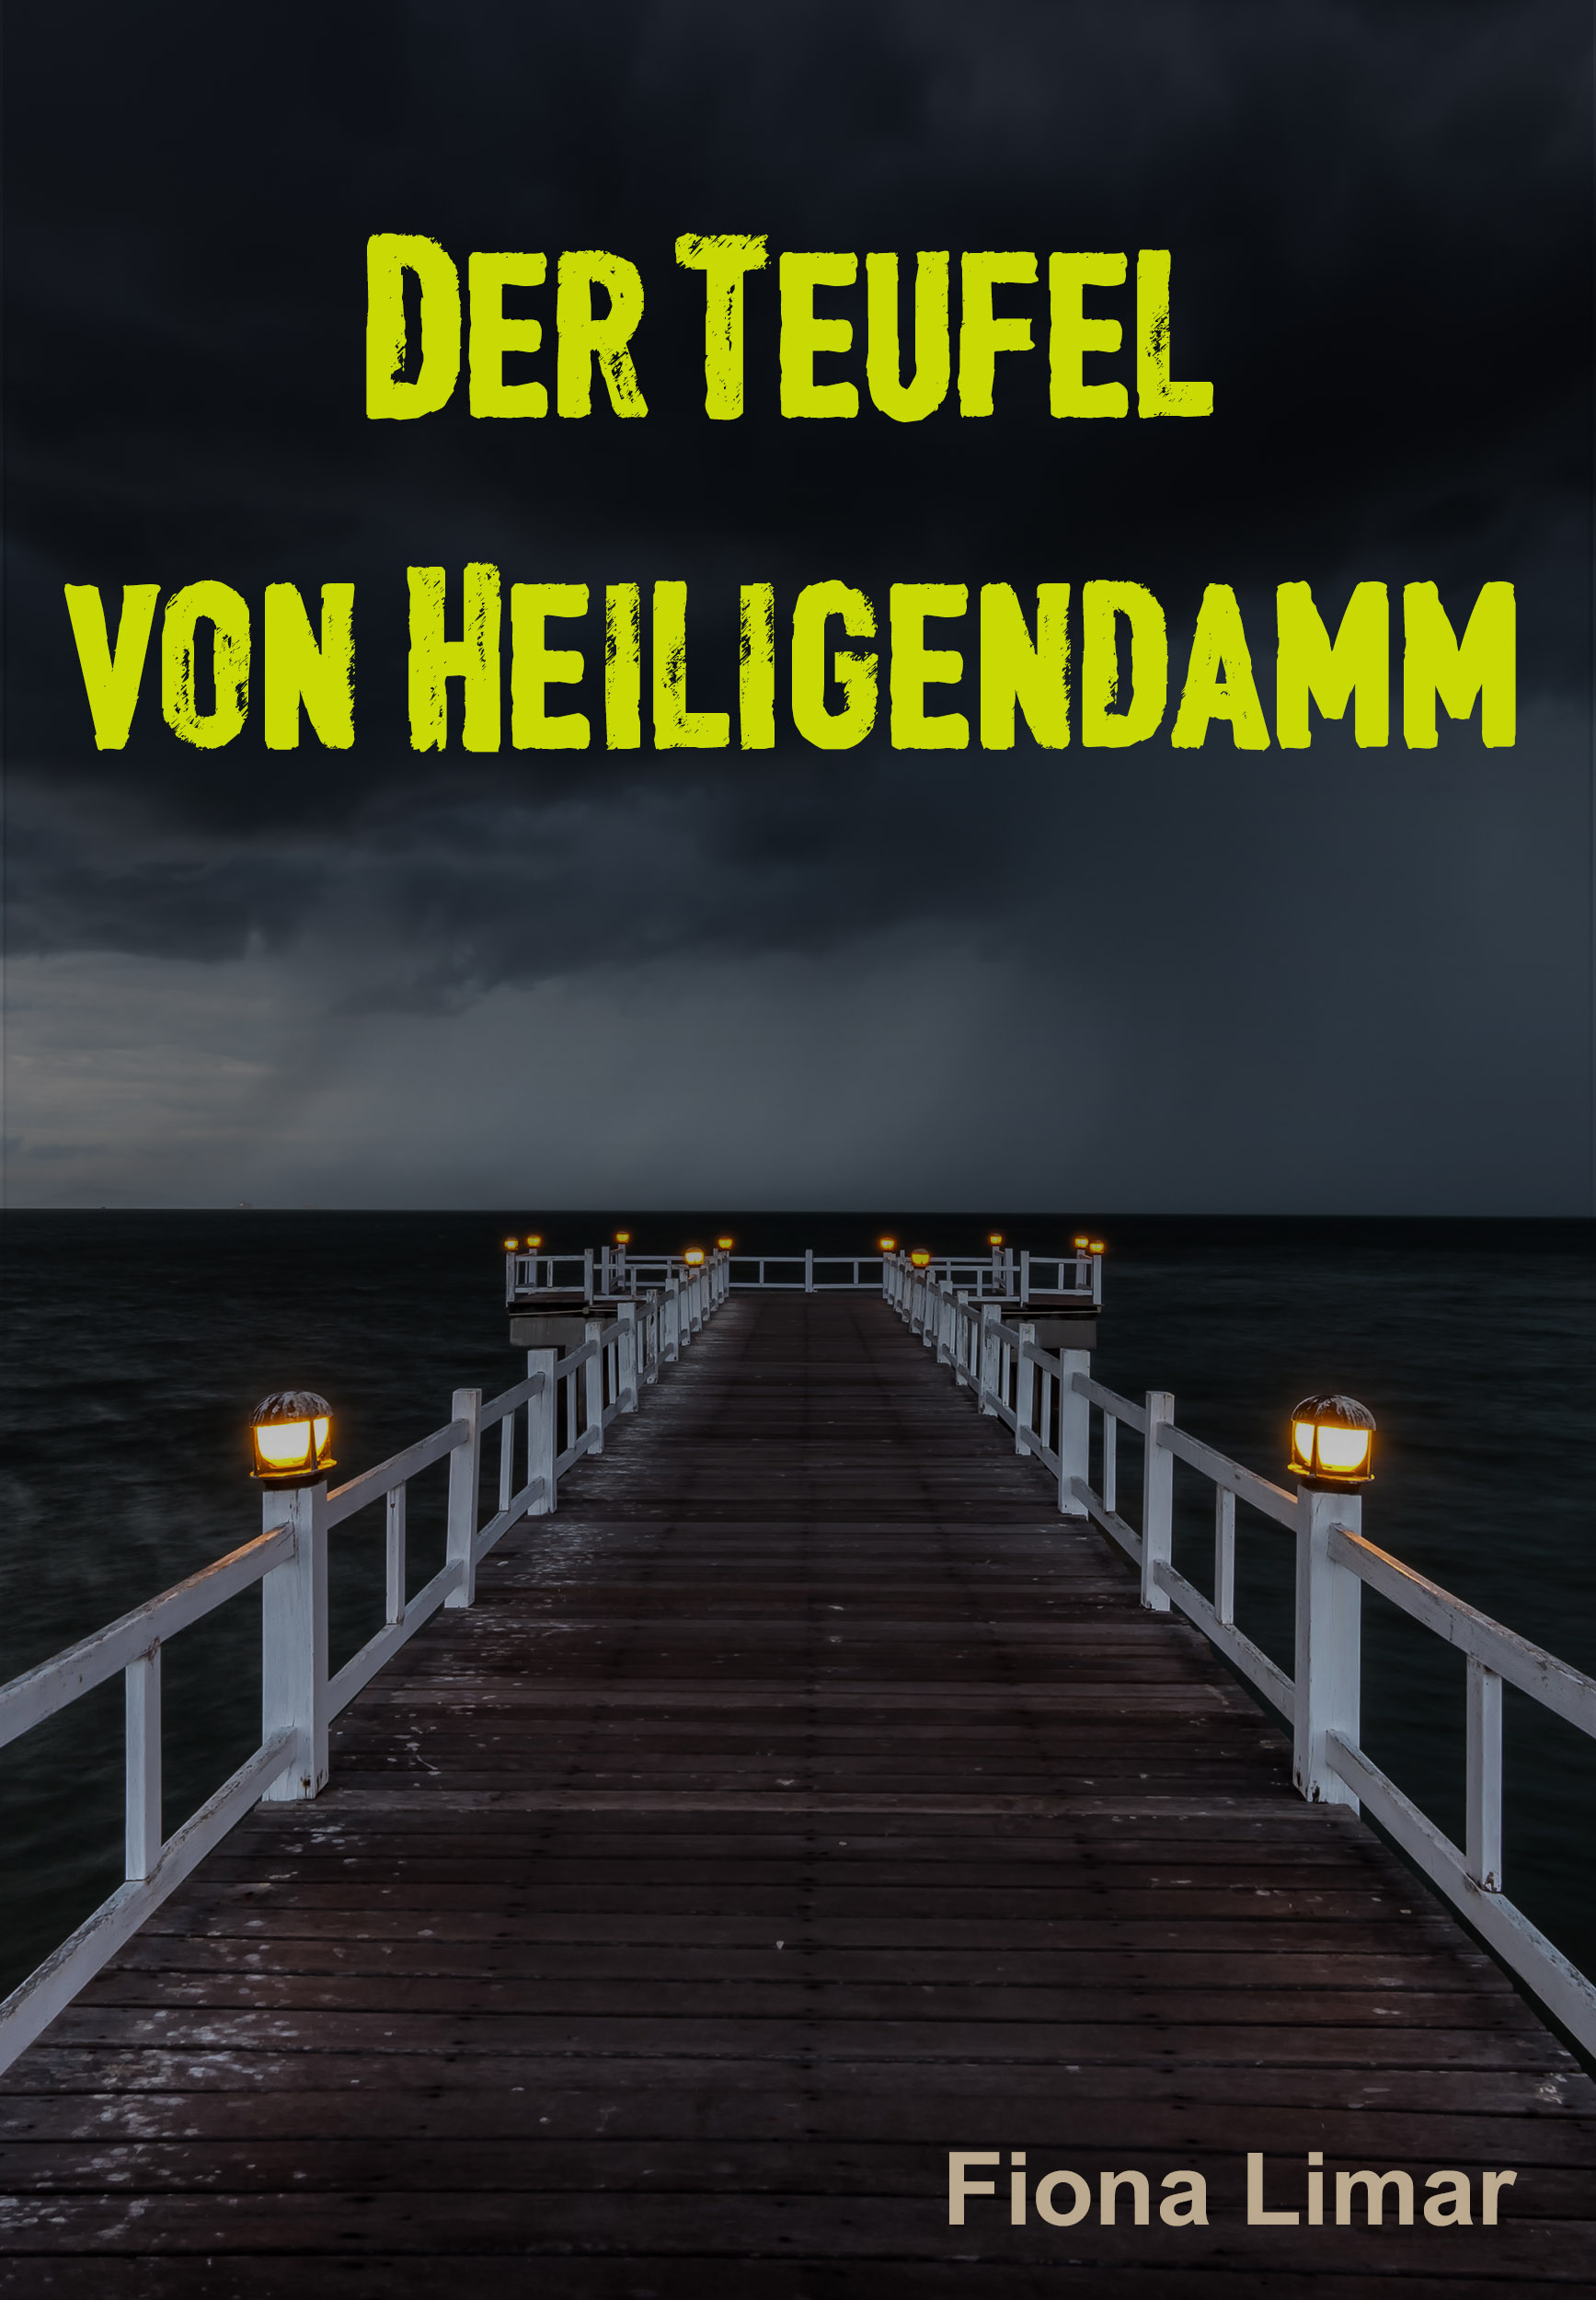 Der Teufel von Heiligendamm